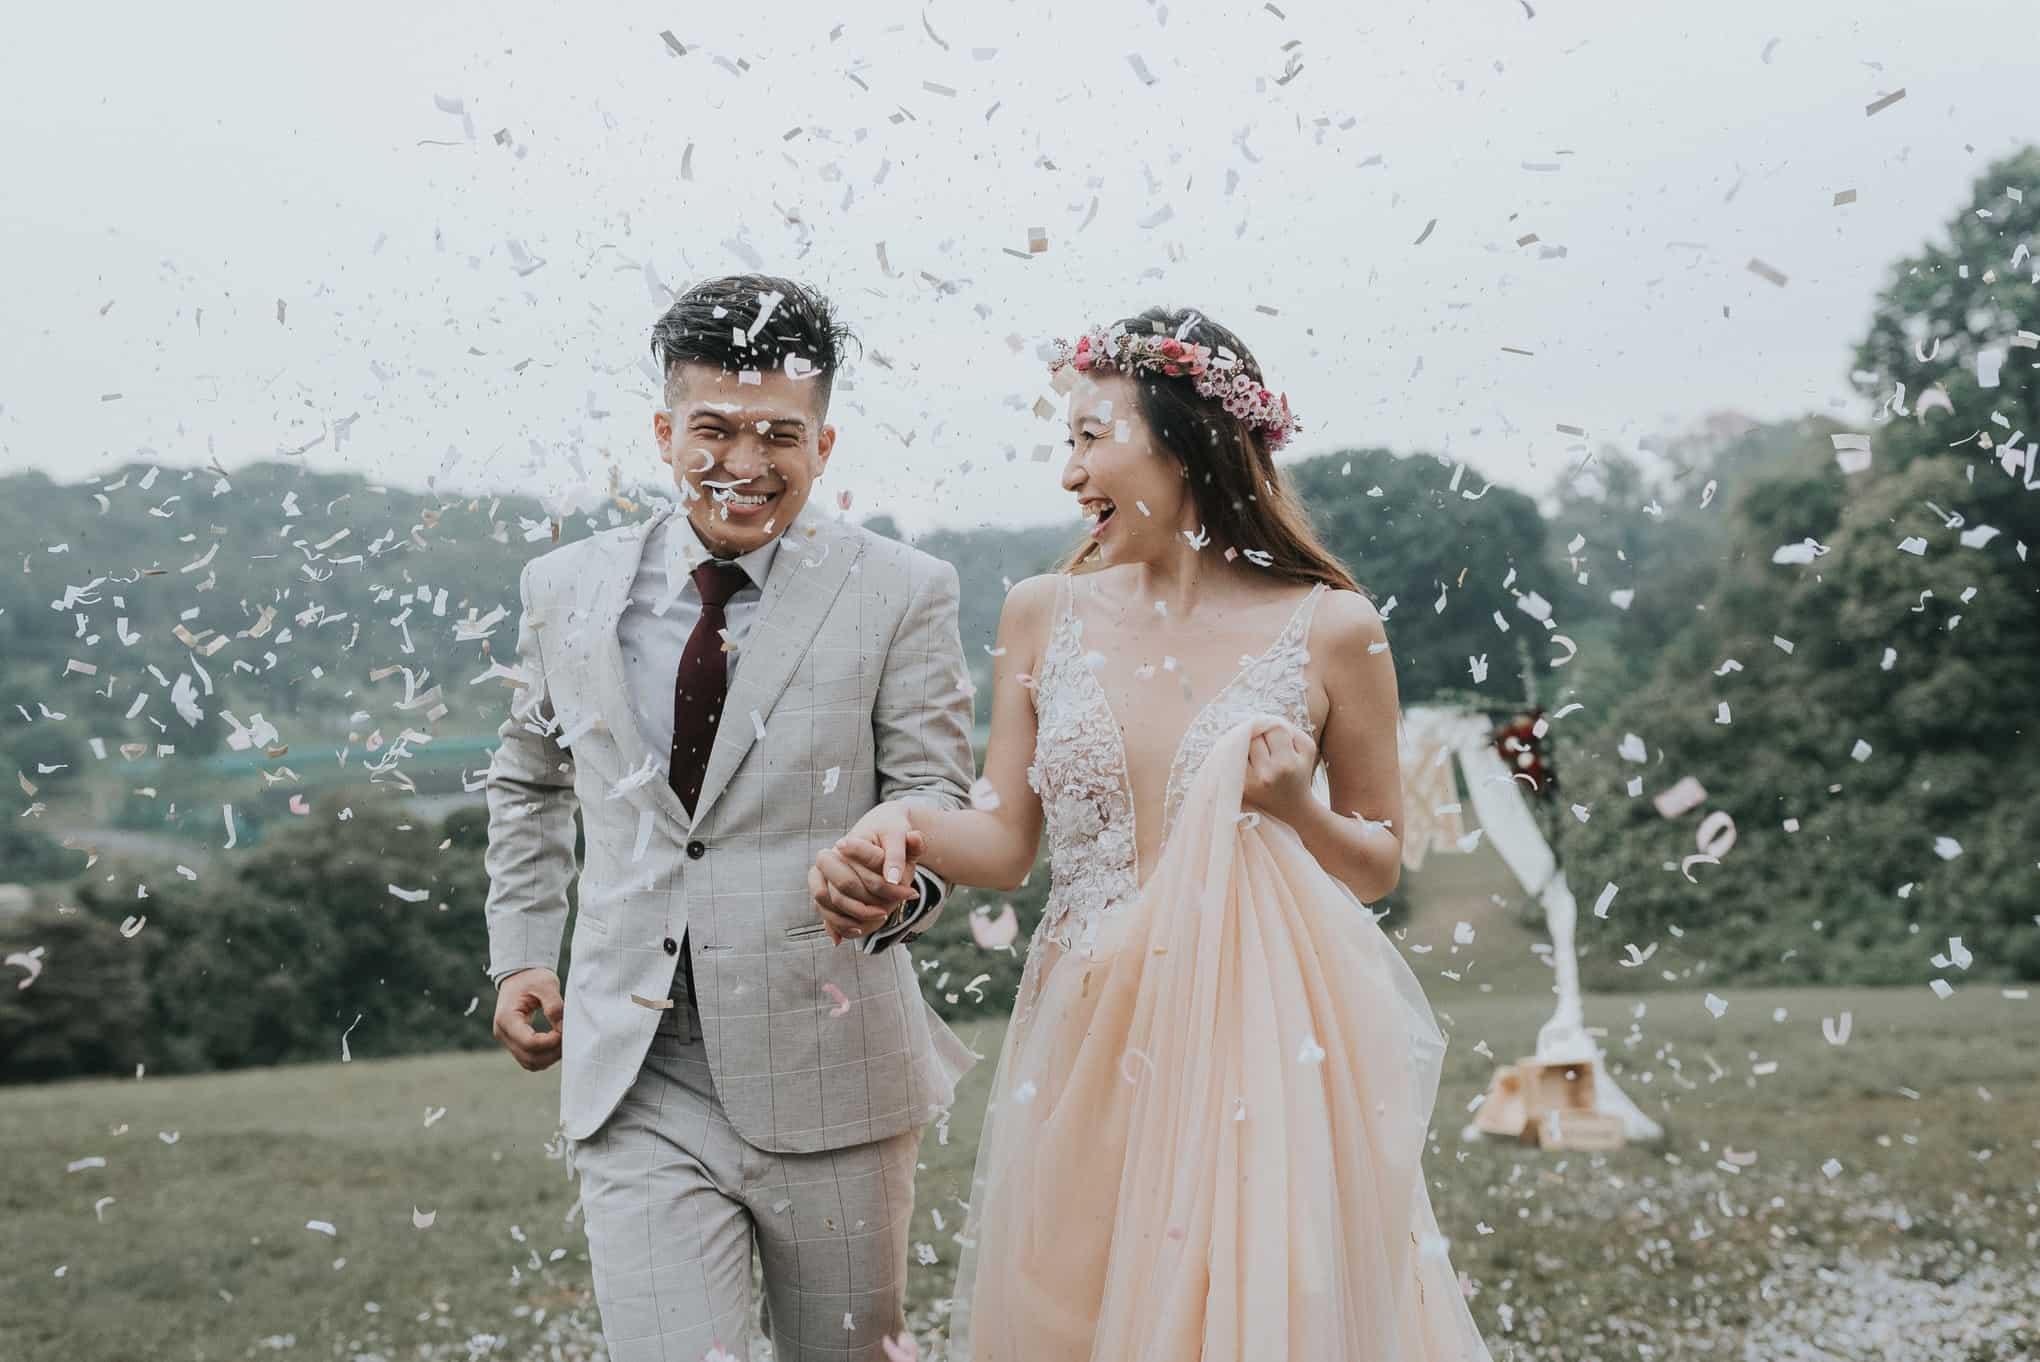 كيف تخططين لزفاف صغير ومميز بخطوات بسيطة؟